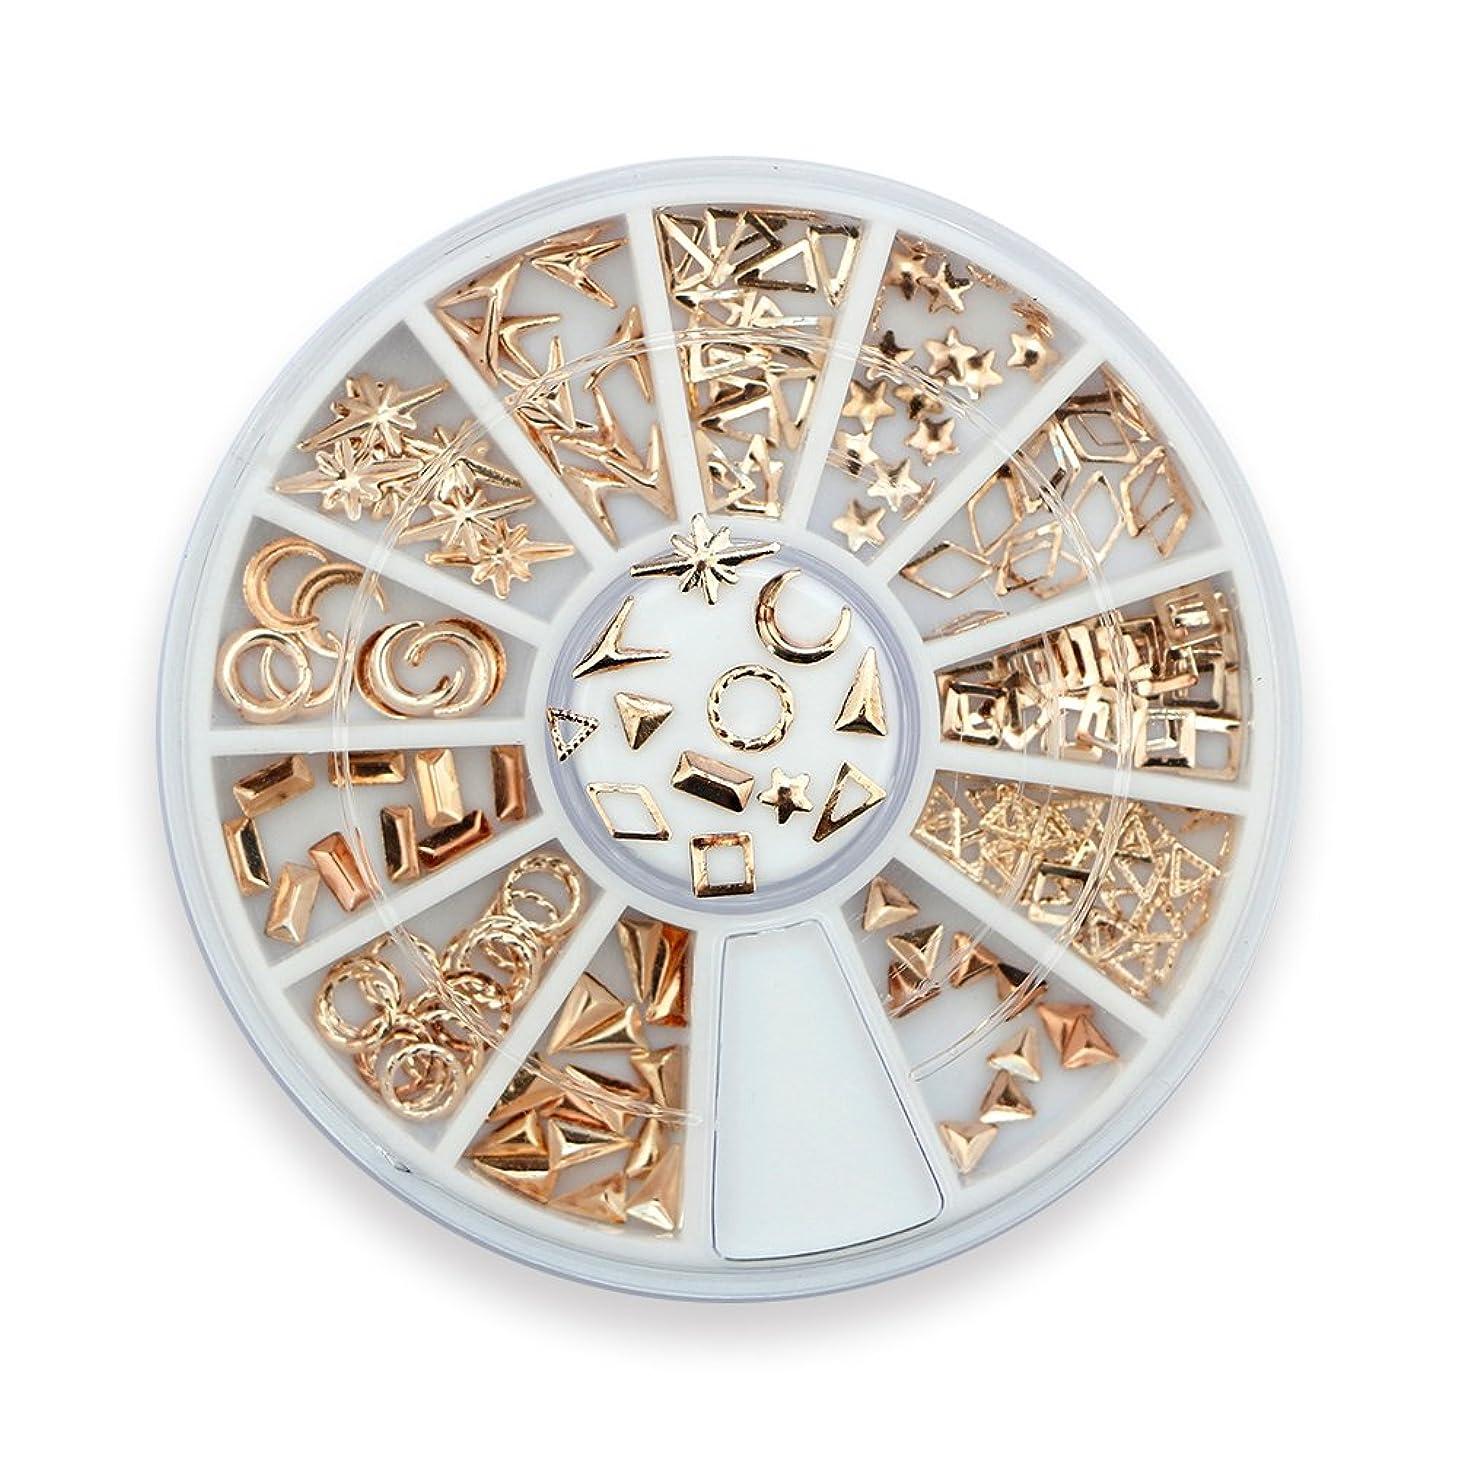 誕生初期リクルートTakarafune ネイルアート ネイル パーツ ローズゴールド メタルスタッズ セットビジュー ジェルネイル 3Dネイルデコレーション 12種類